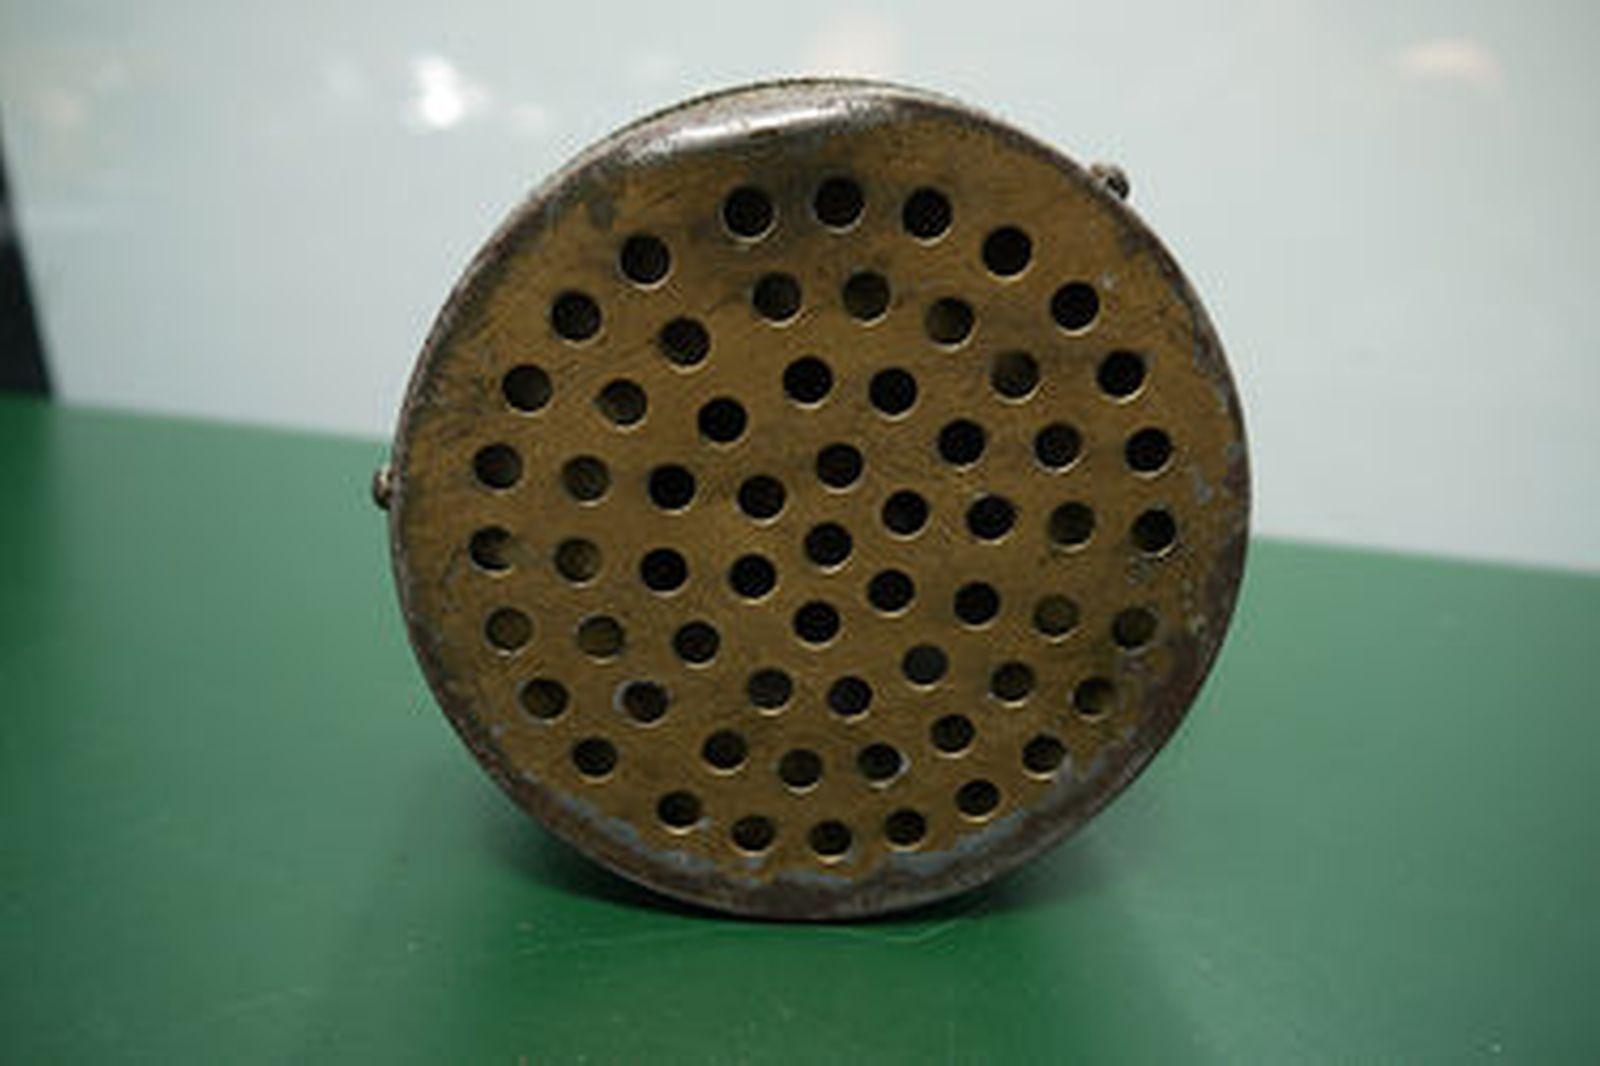 Siren - Period WW2 Era Air Raid Siren hand crank by Federal Electric Co. Chicago